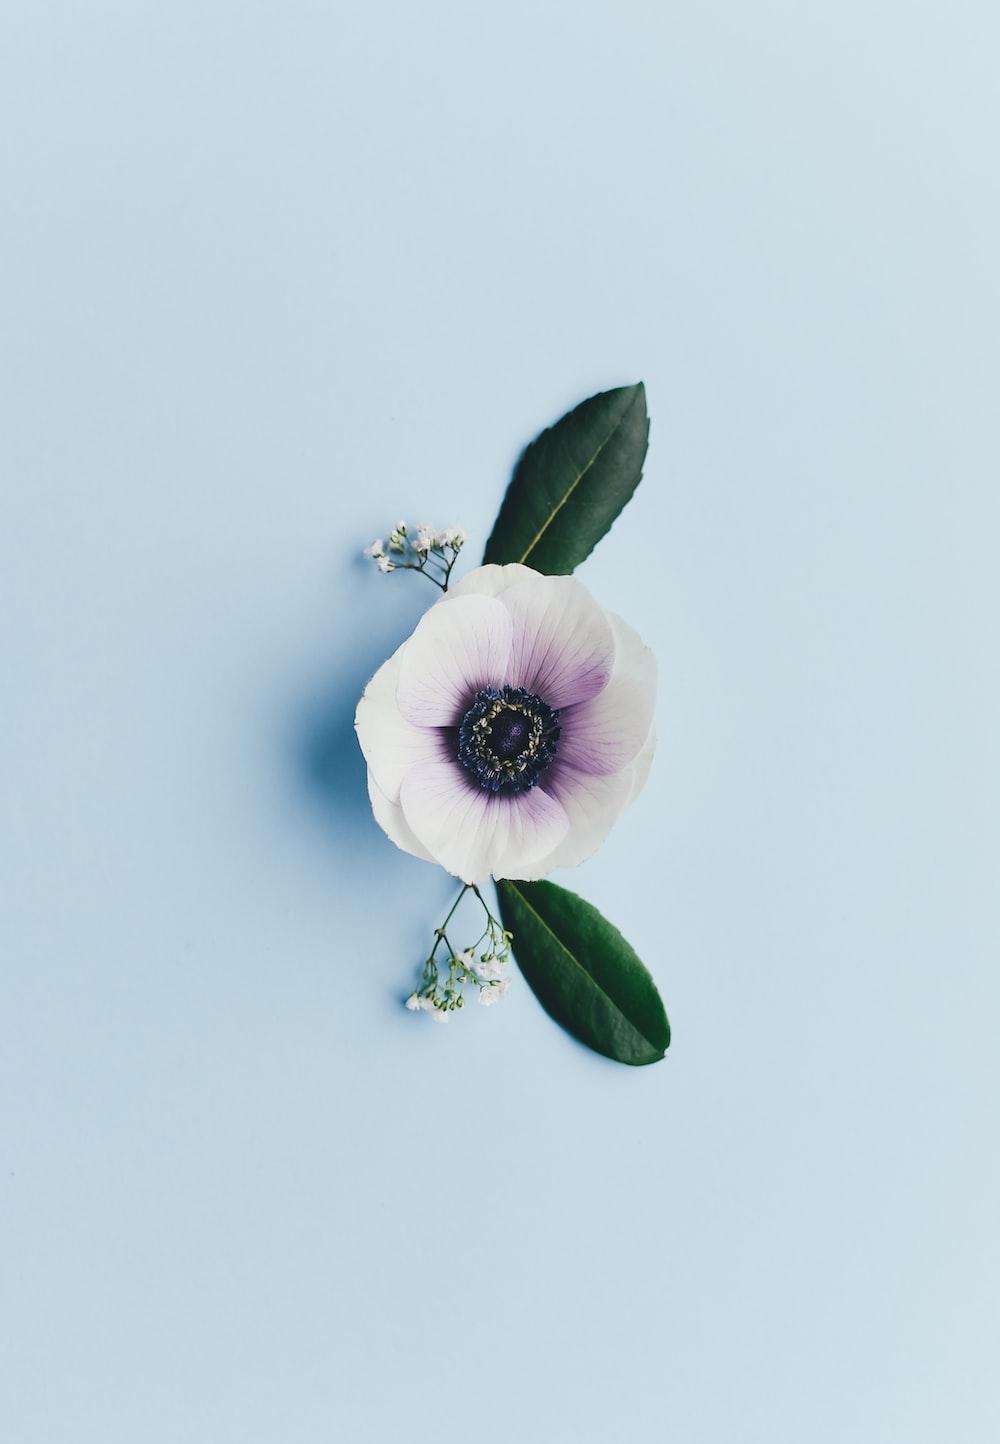 white-petaled flower